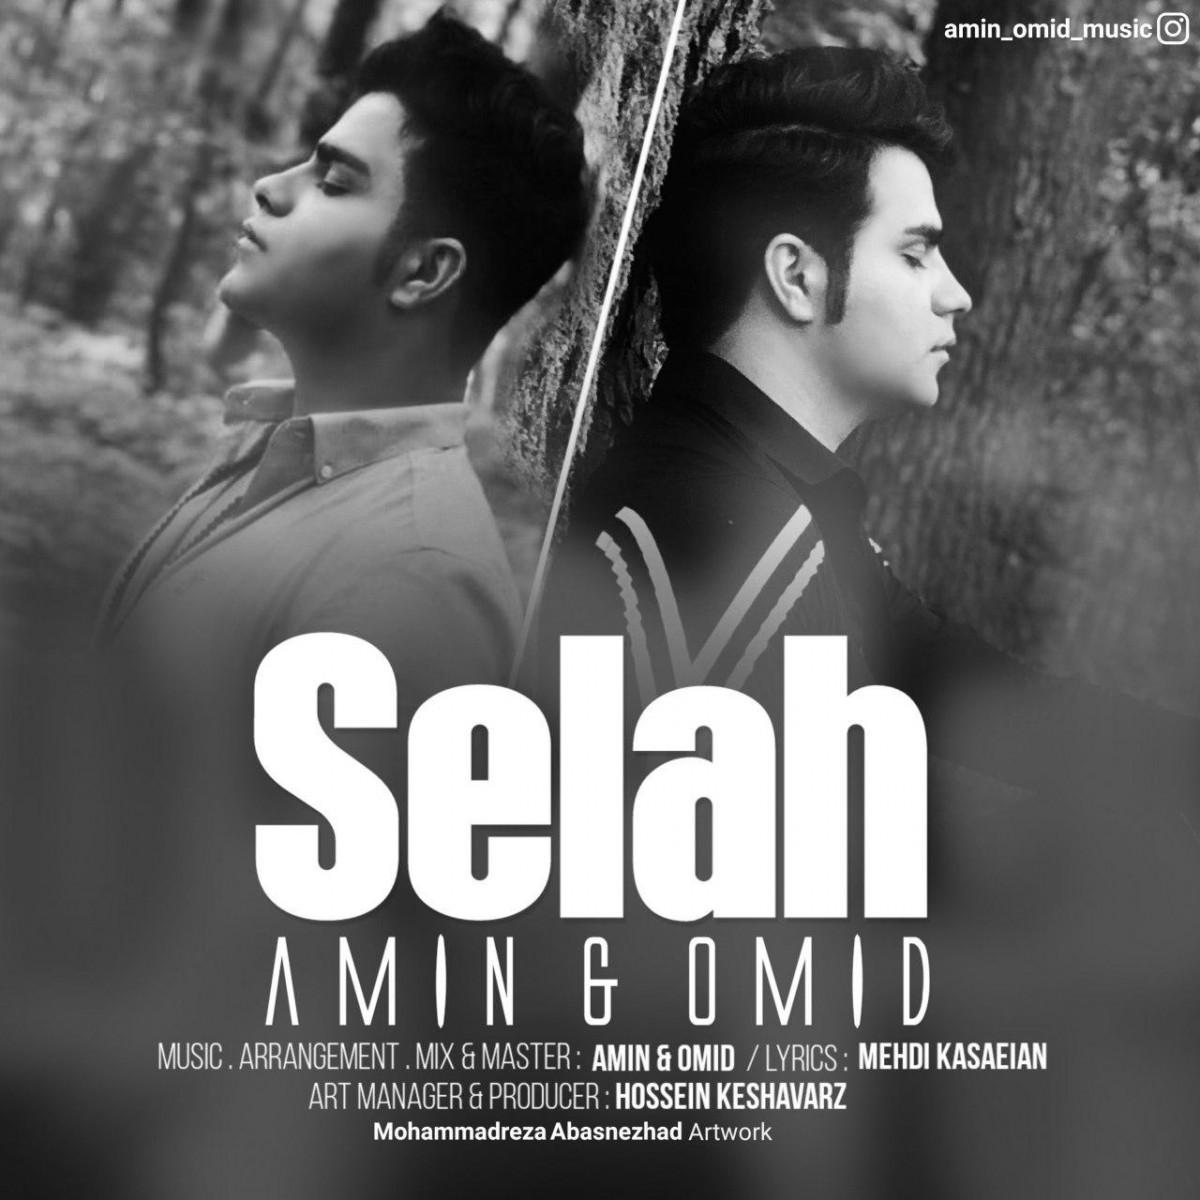 نامبر وان موزیک   دانلود آهنگ جدید Amin-Omid-Selah